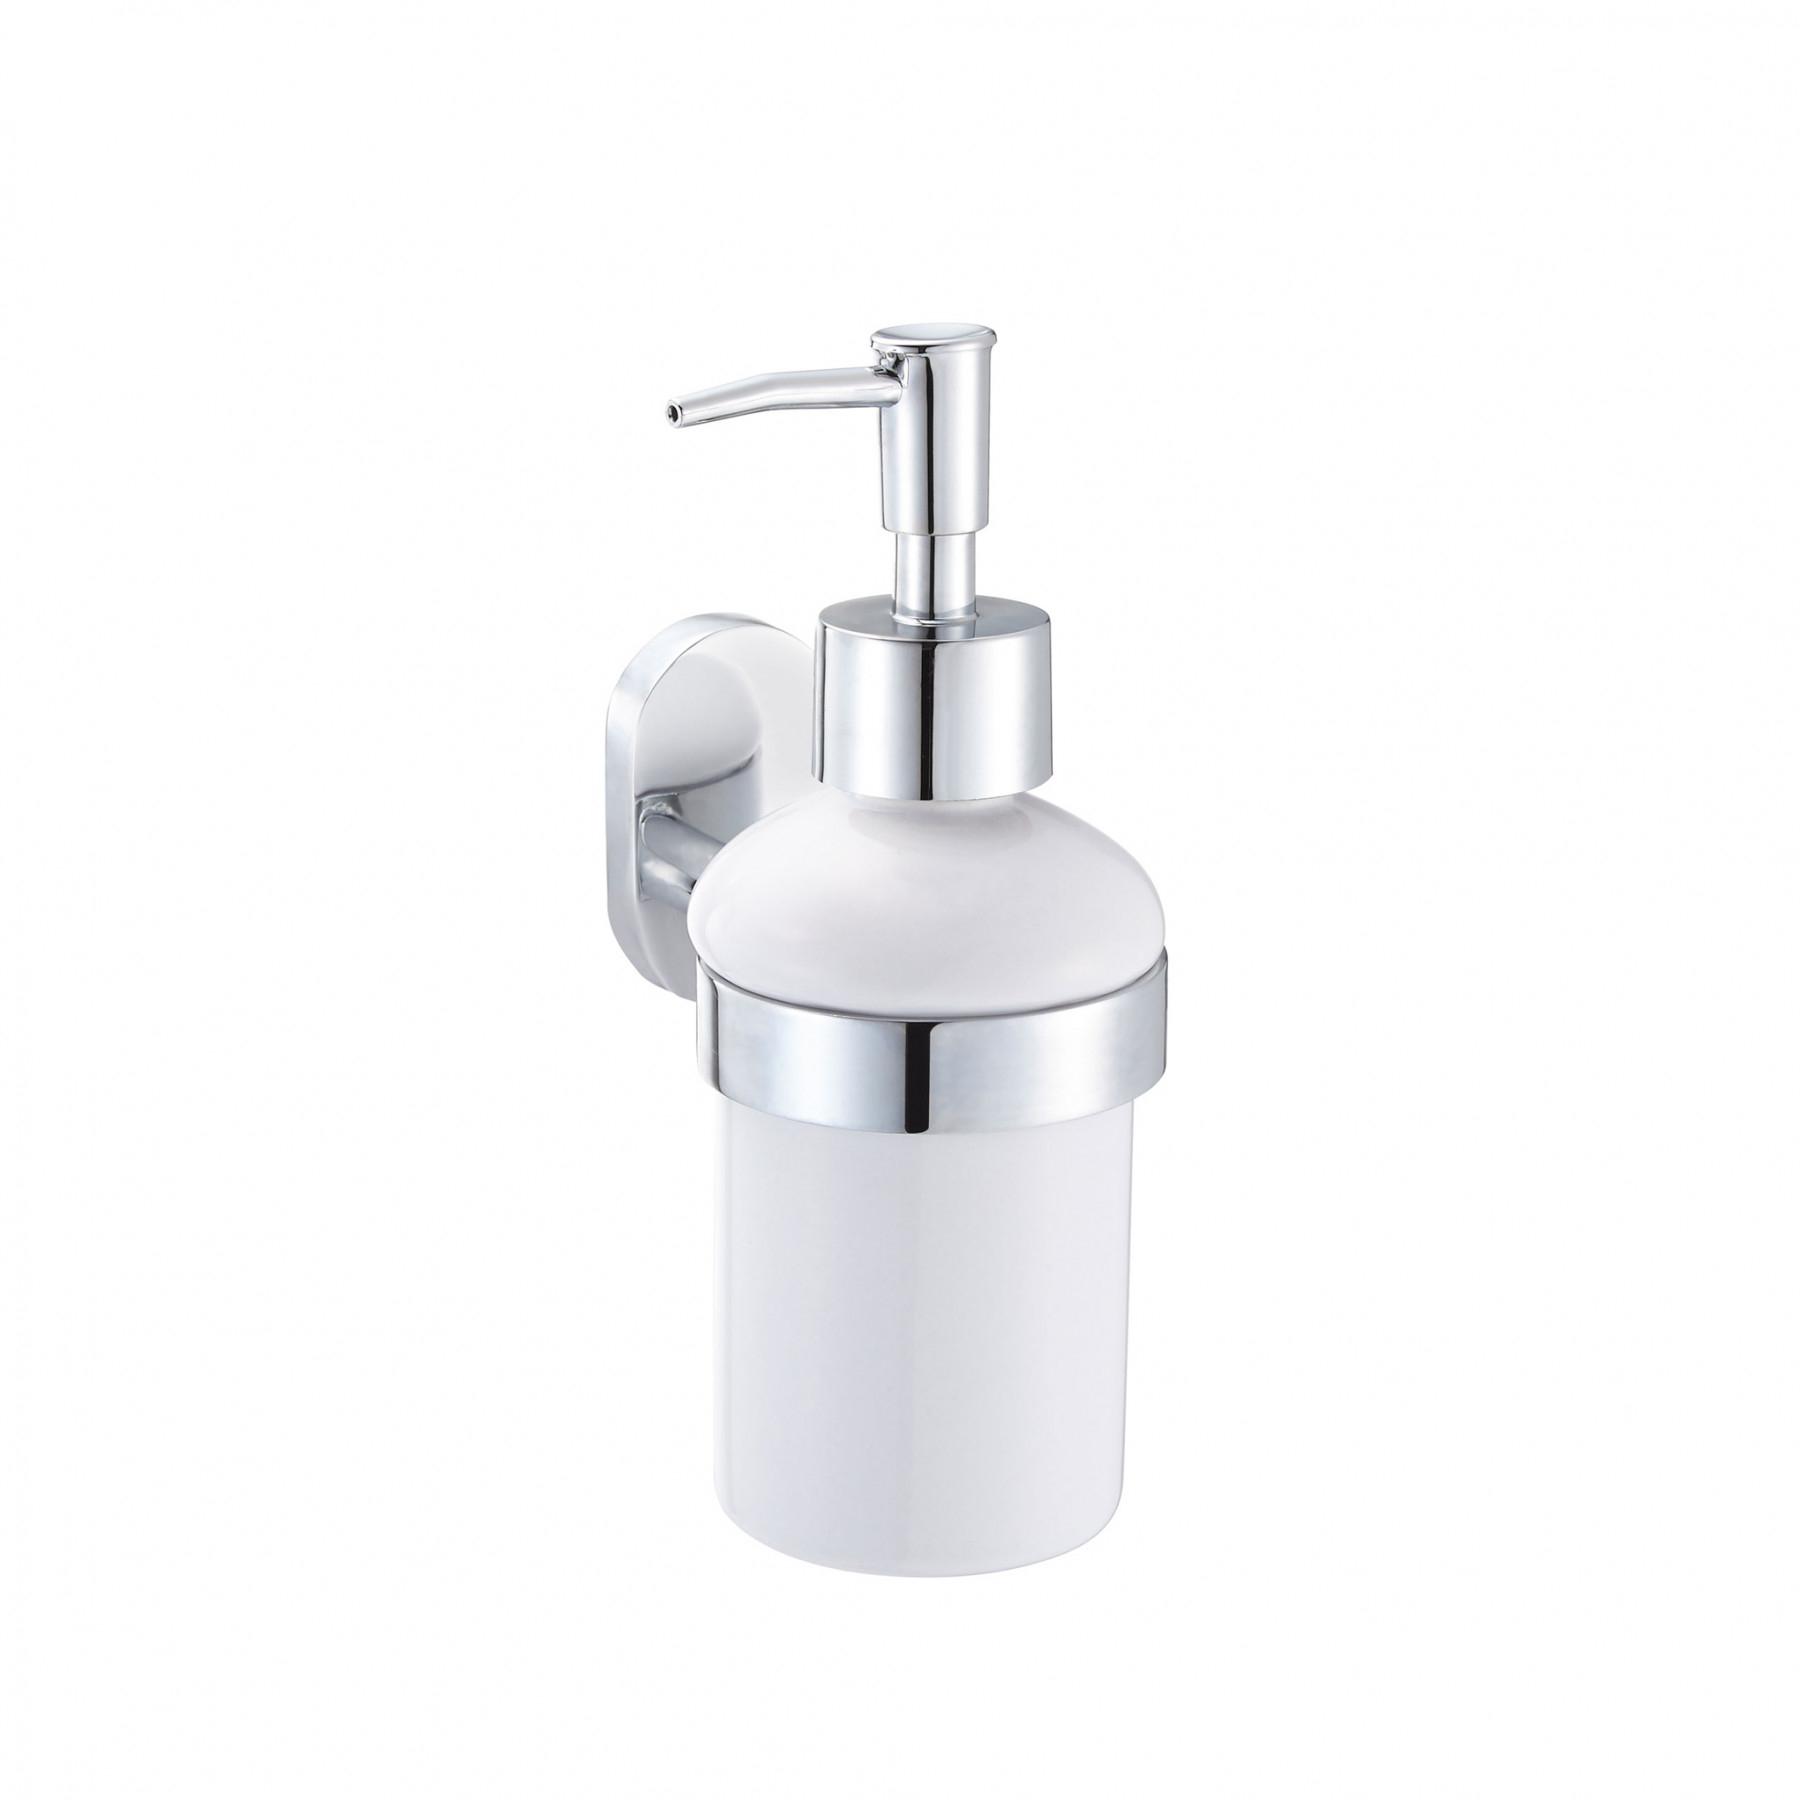 Дозатор для жидкого мыла Fora Brass с держателем 350 мл дозатор для жидкого мыла fora brass керамический